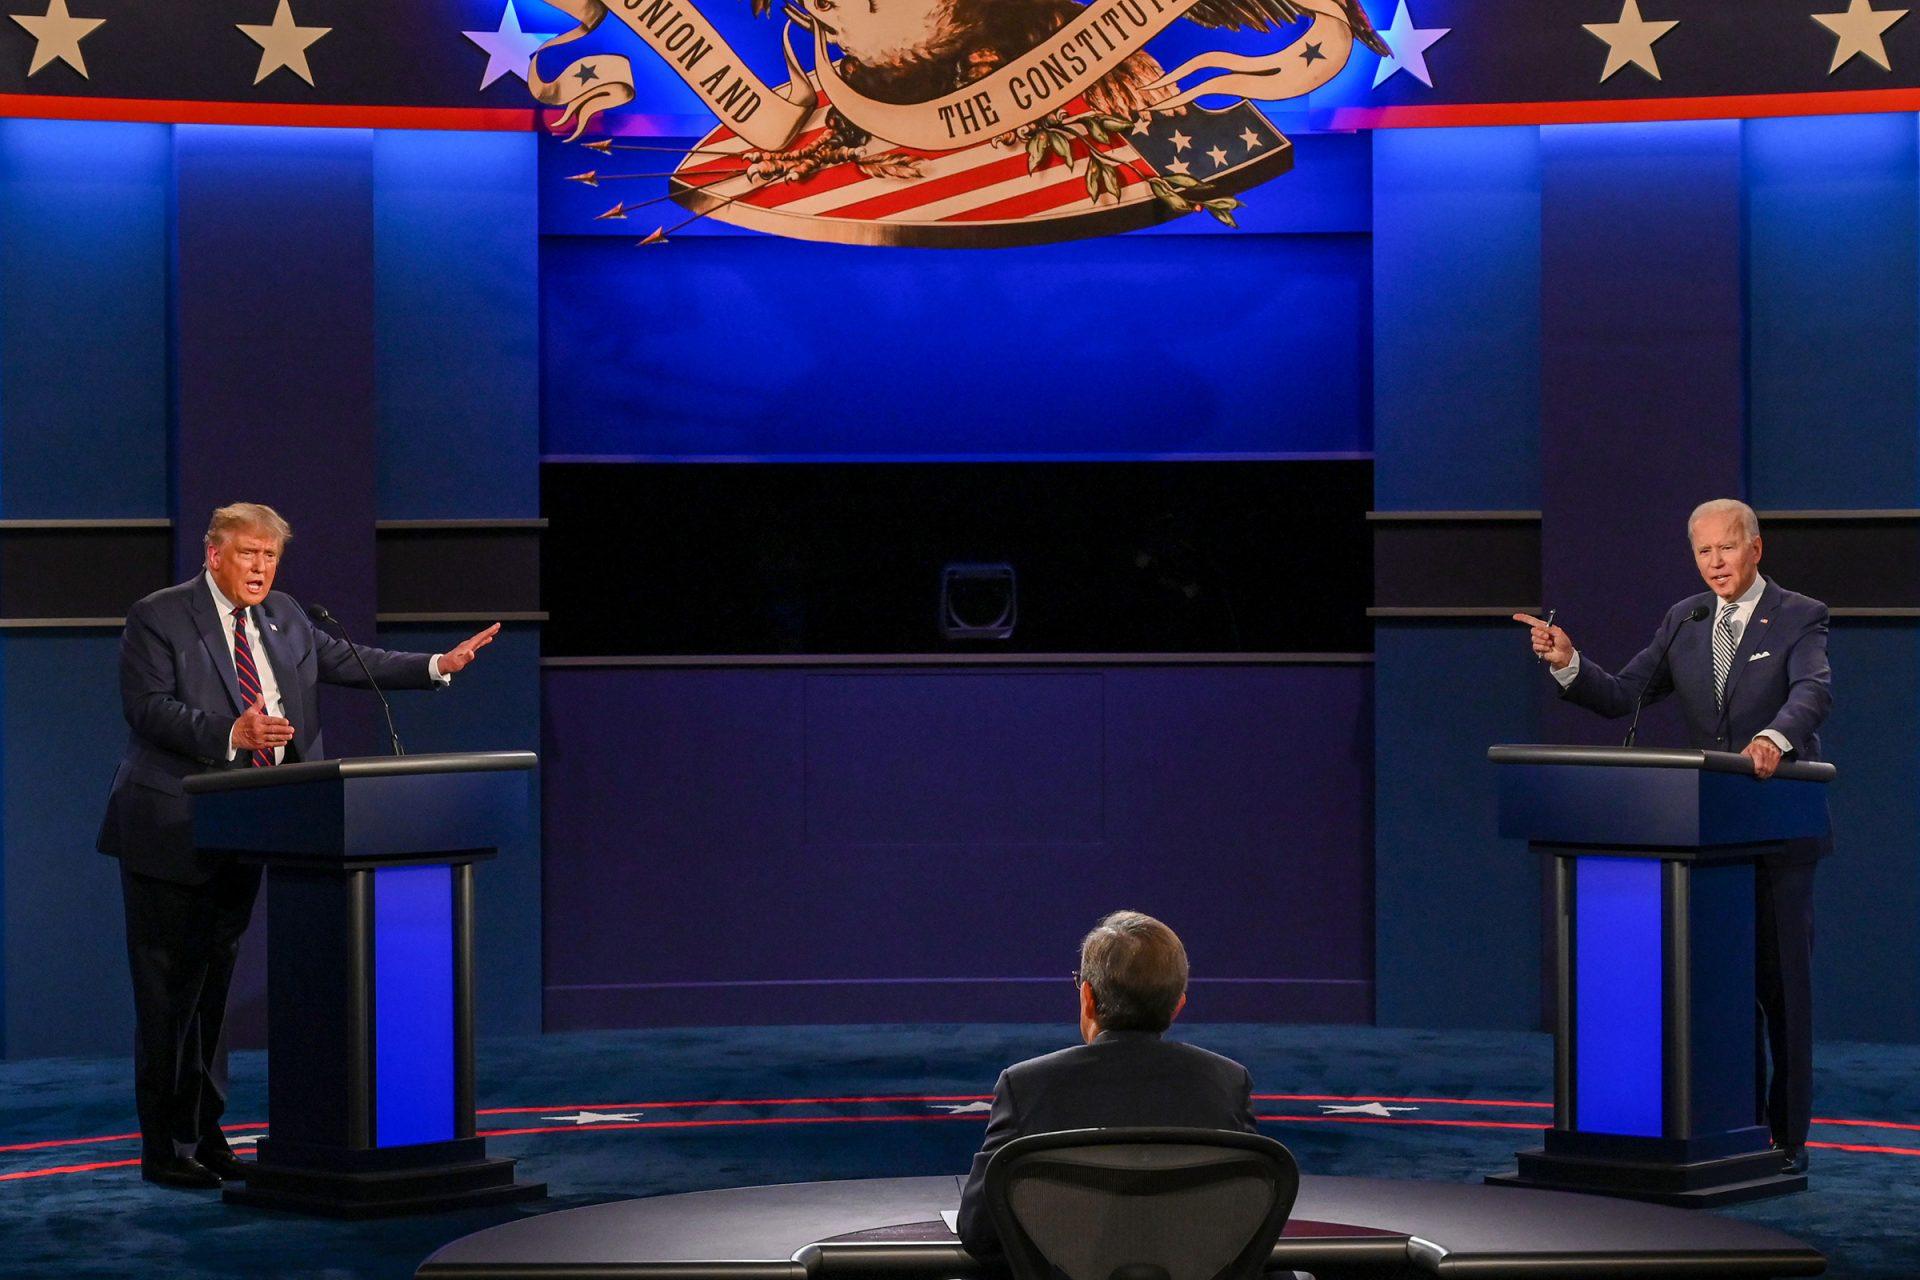 Editiadedimineata: Politică și circ. Prima confruntare televizată a candidaților la Președinția Statelor Unite